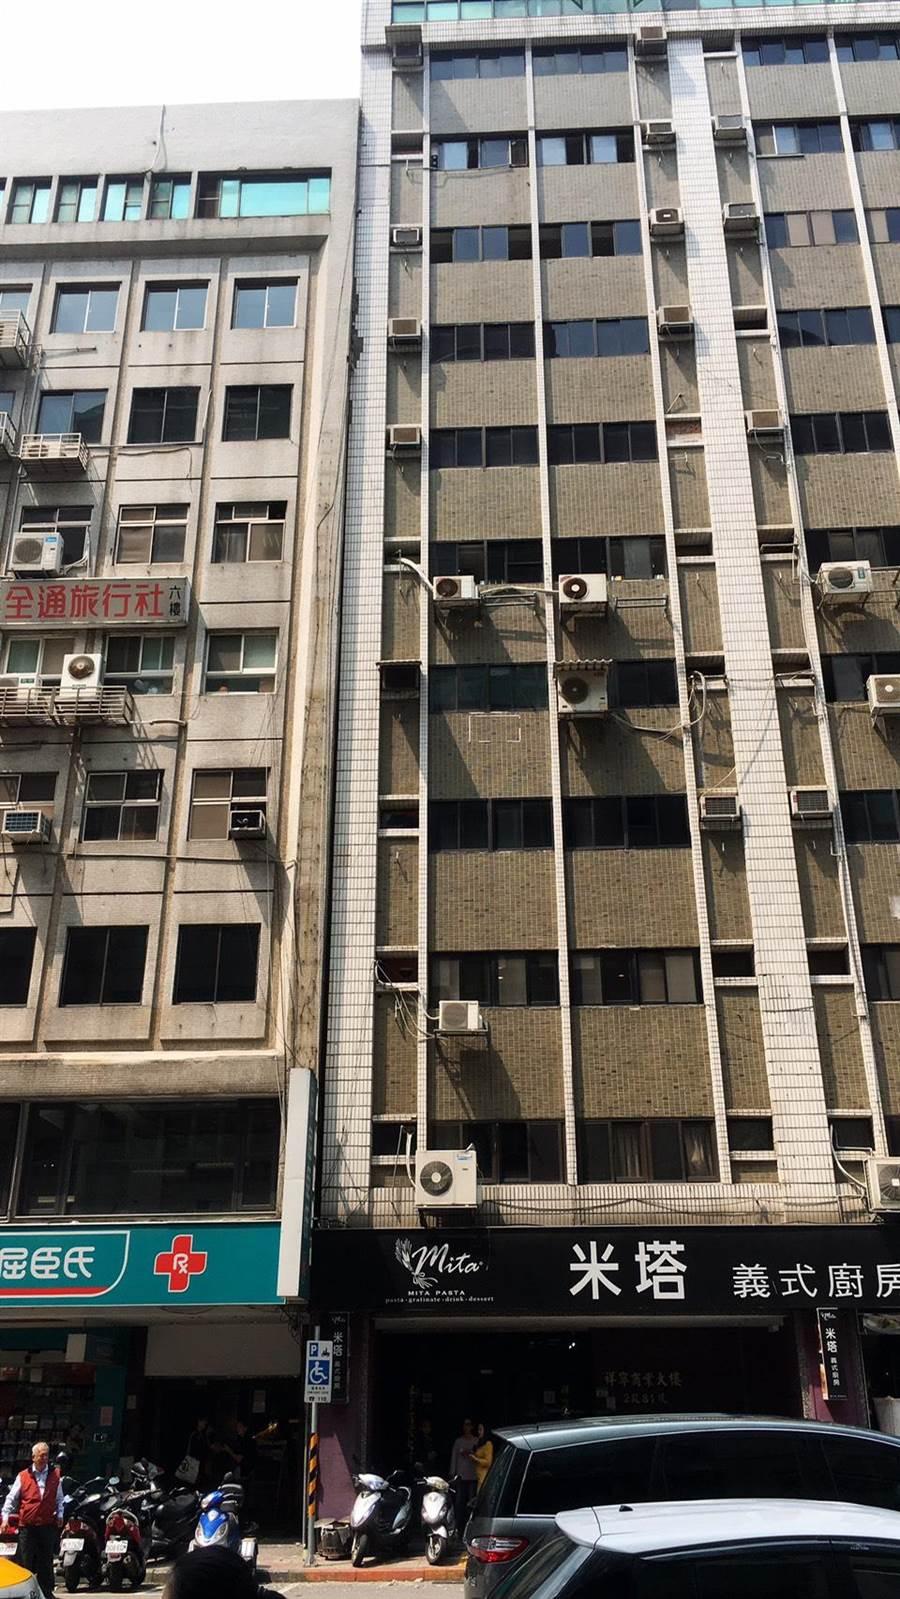 台北長安東路二段上有大樓傾斜,所幸無人受困。(圖/北市消防局提供)